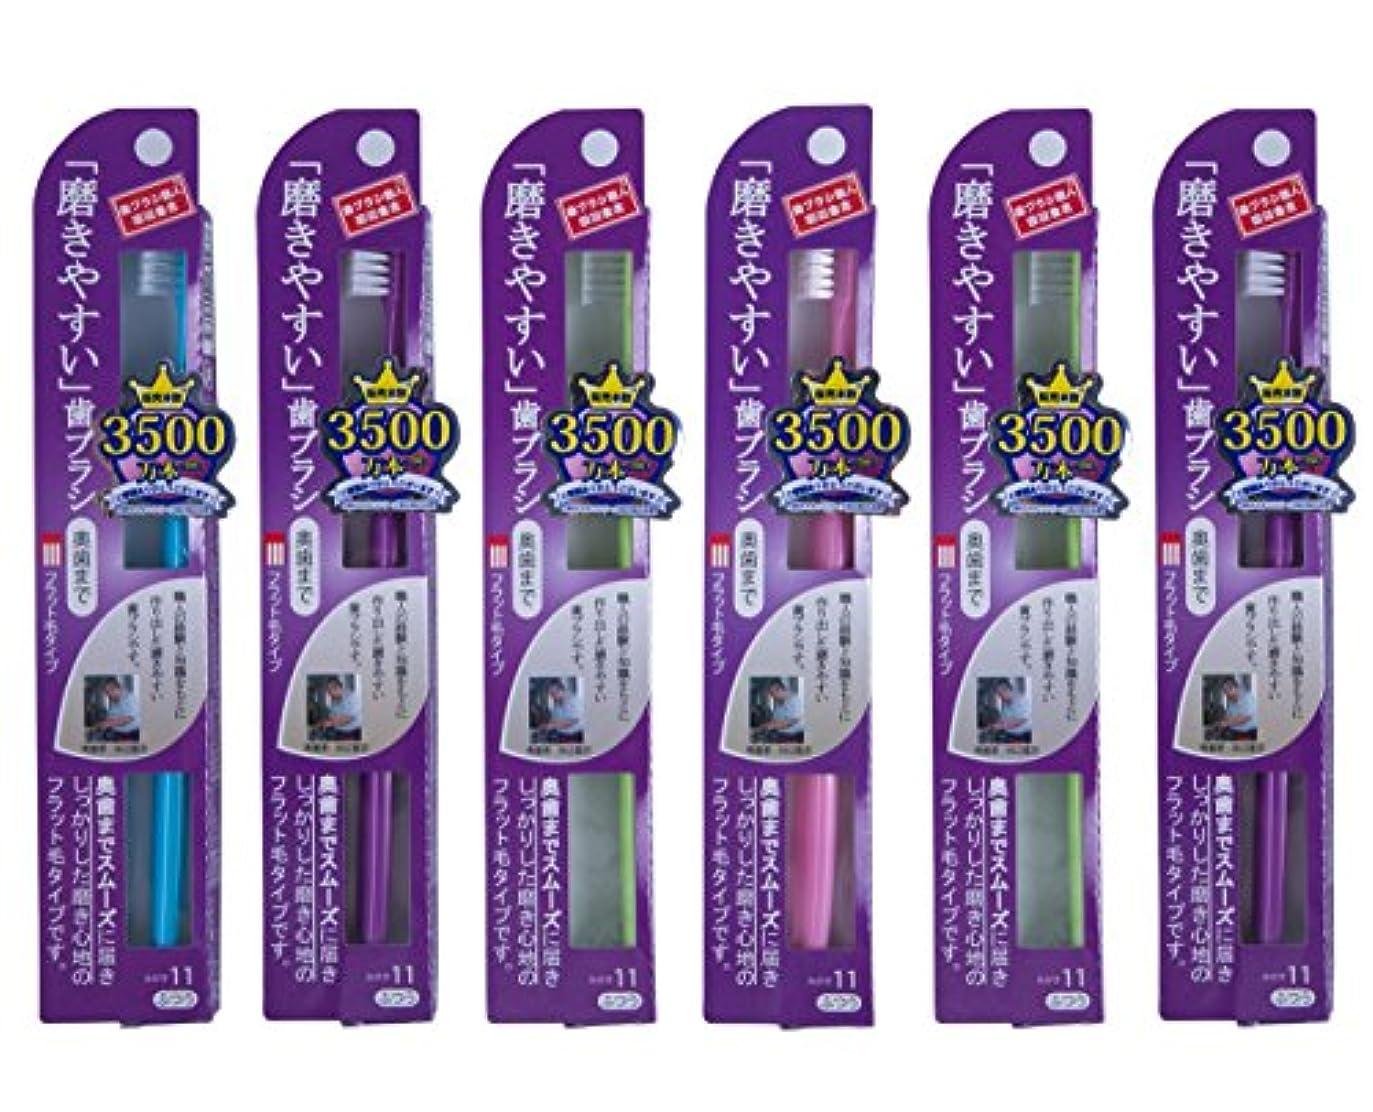 ネックレット徹底シーフード歯ブラシ職人田辺重吉 磨きやすい歯ブラシ LT-11 (6本パック)